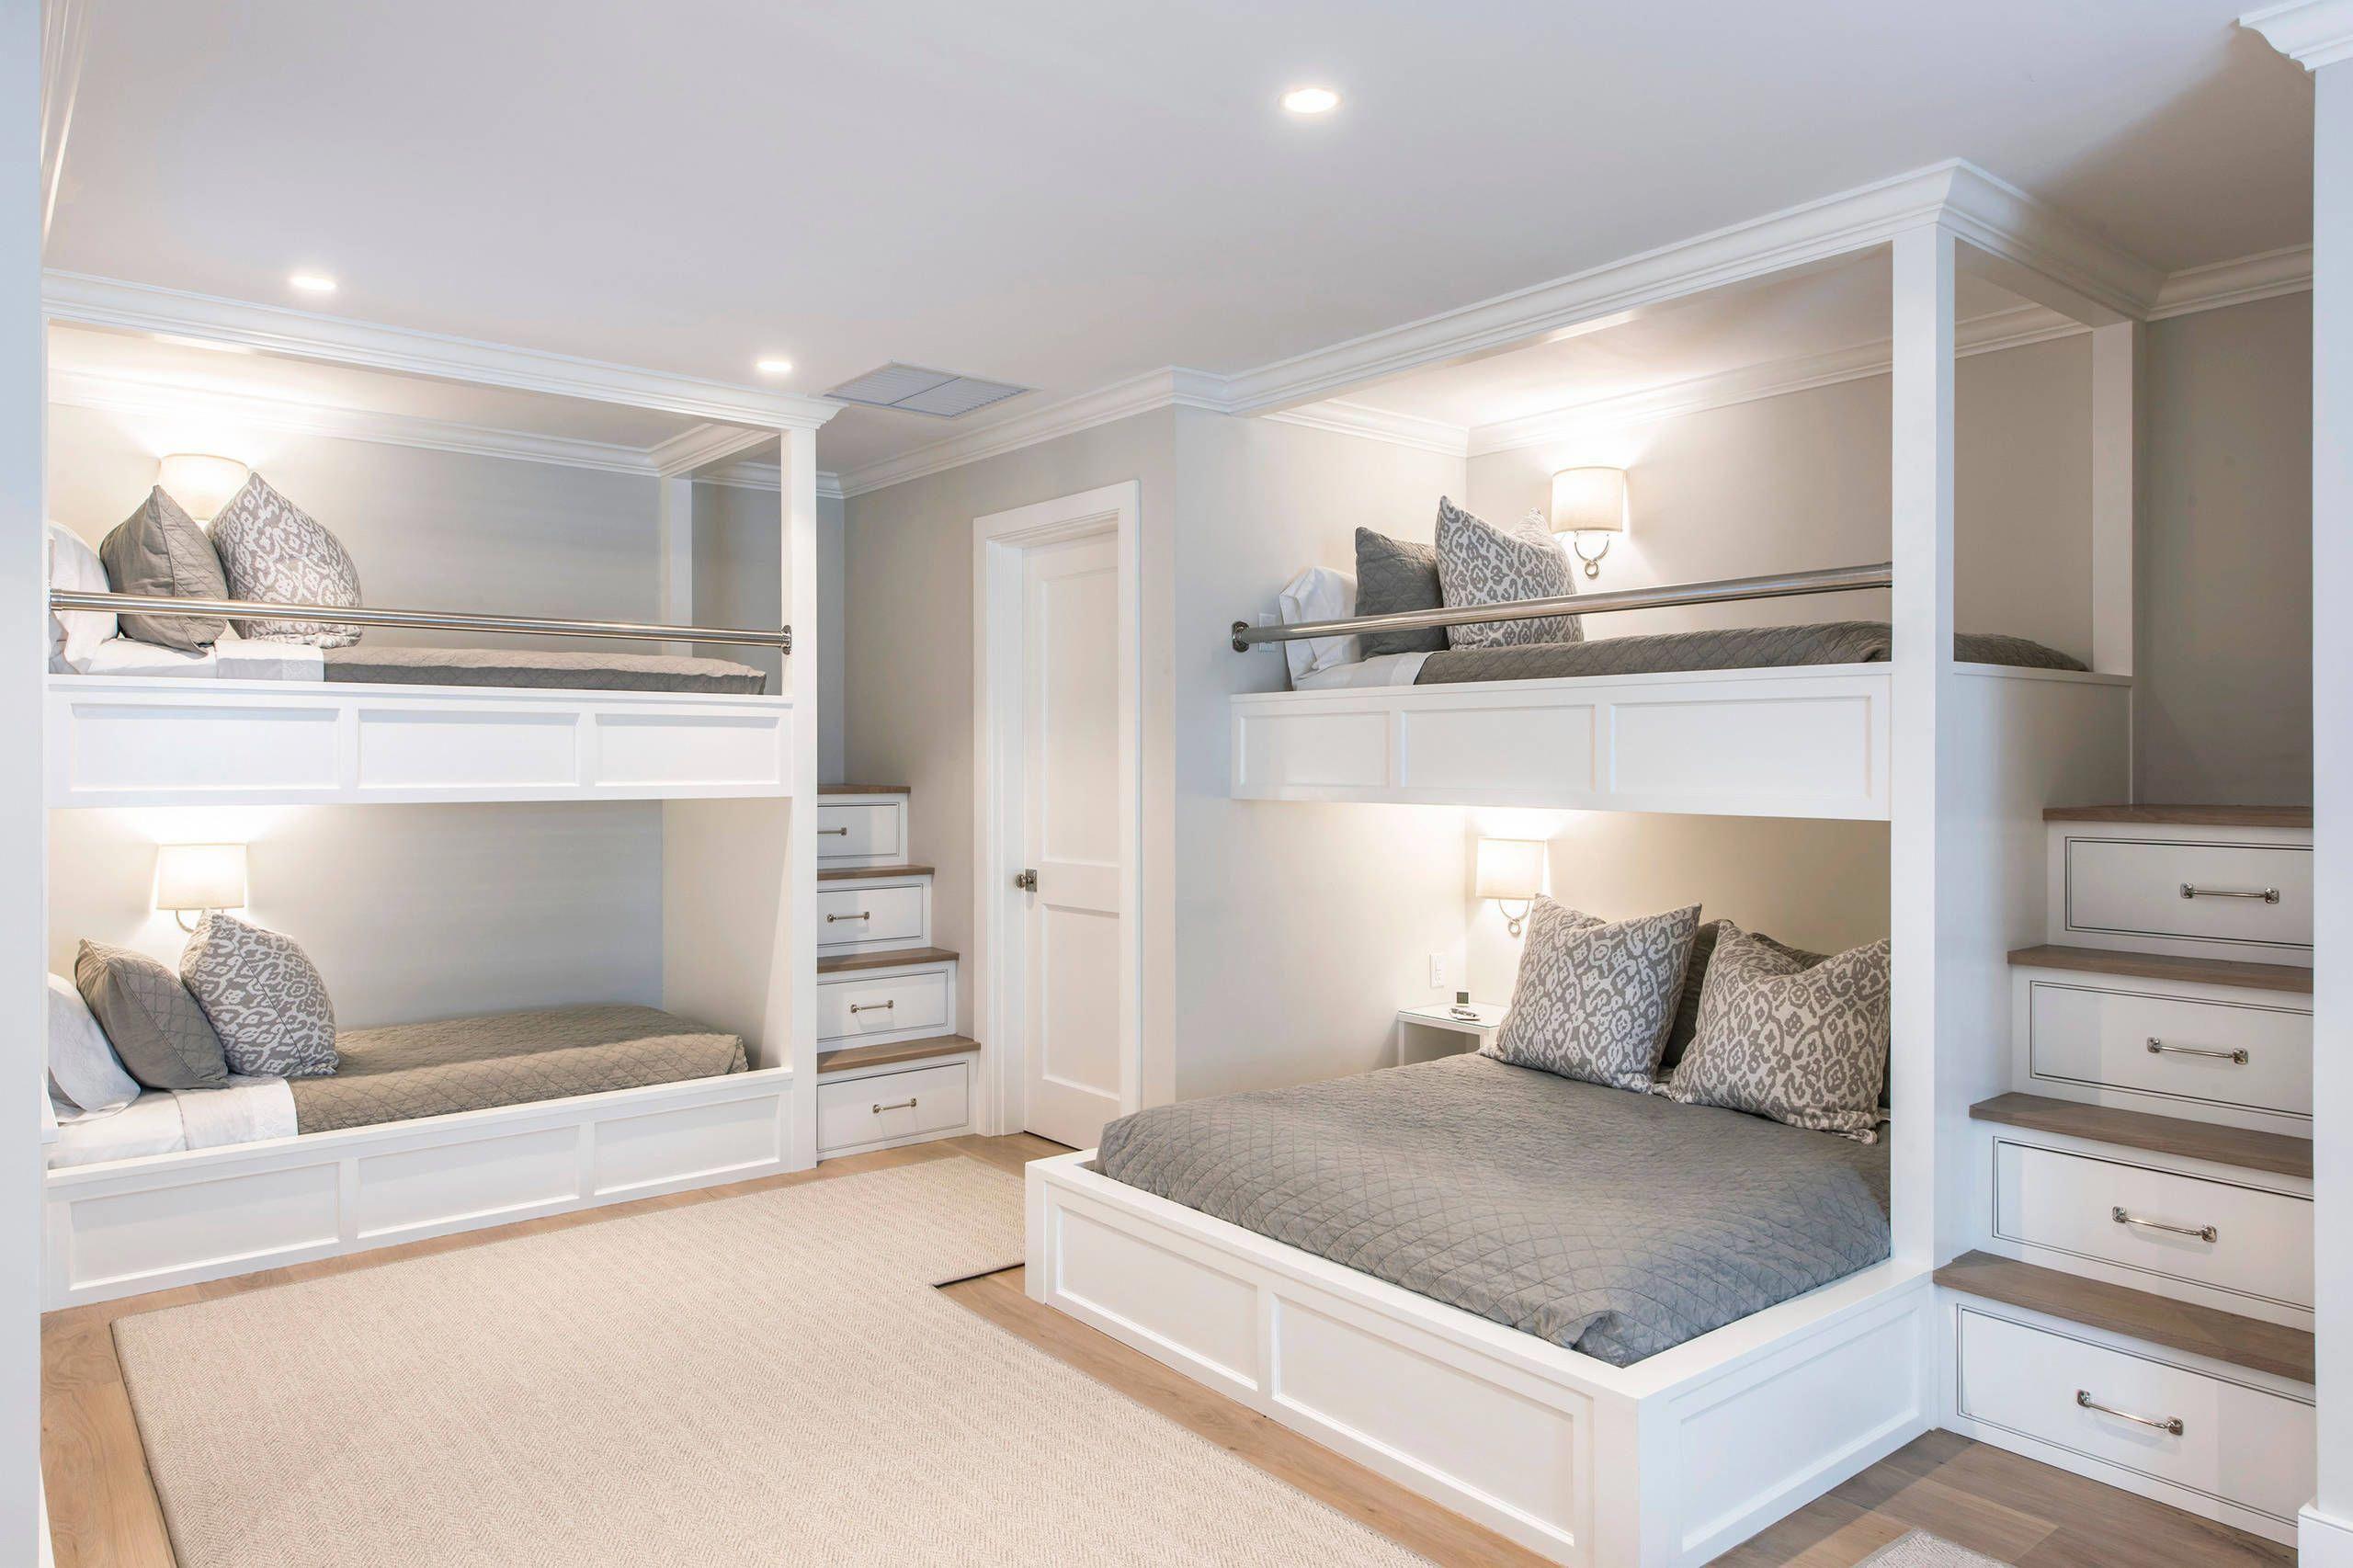 Basement Bunk Room Twokidbedroomideas Bunk Beds Built In Bunk Bed Designs Bedroom Design